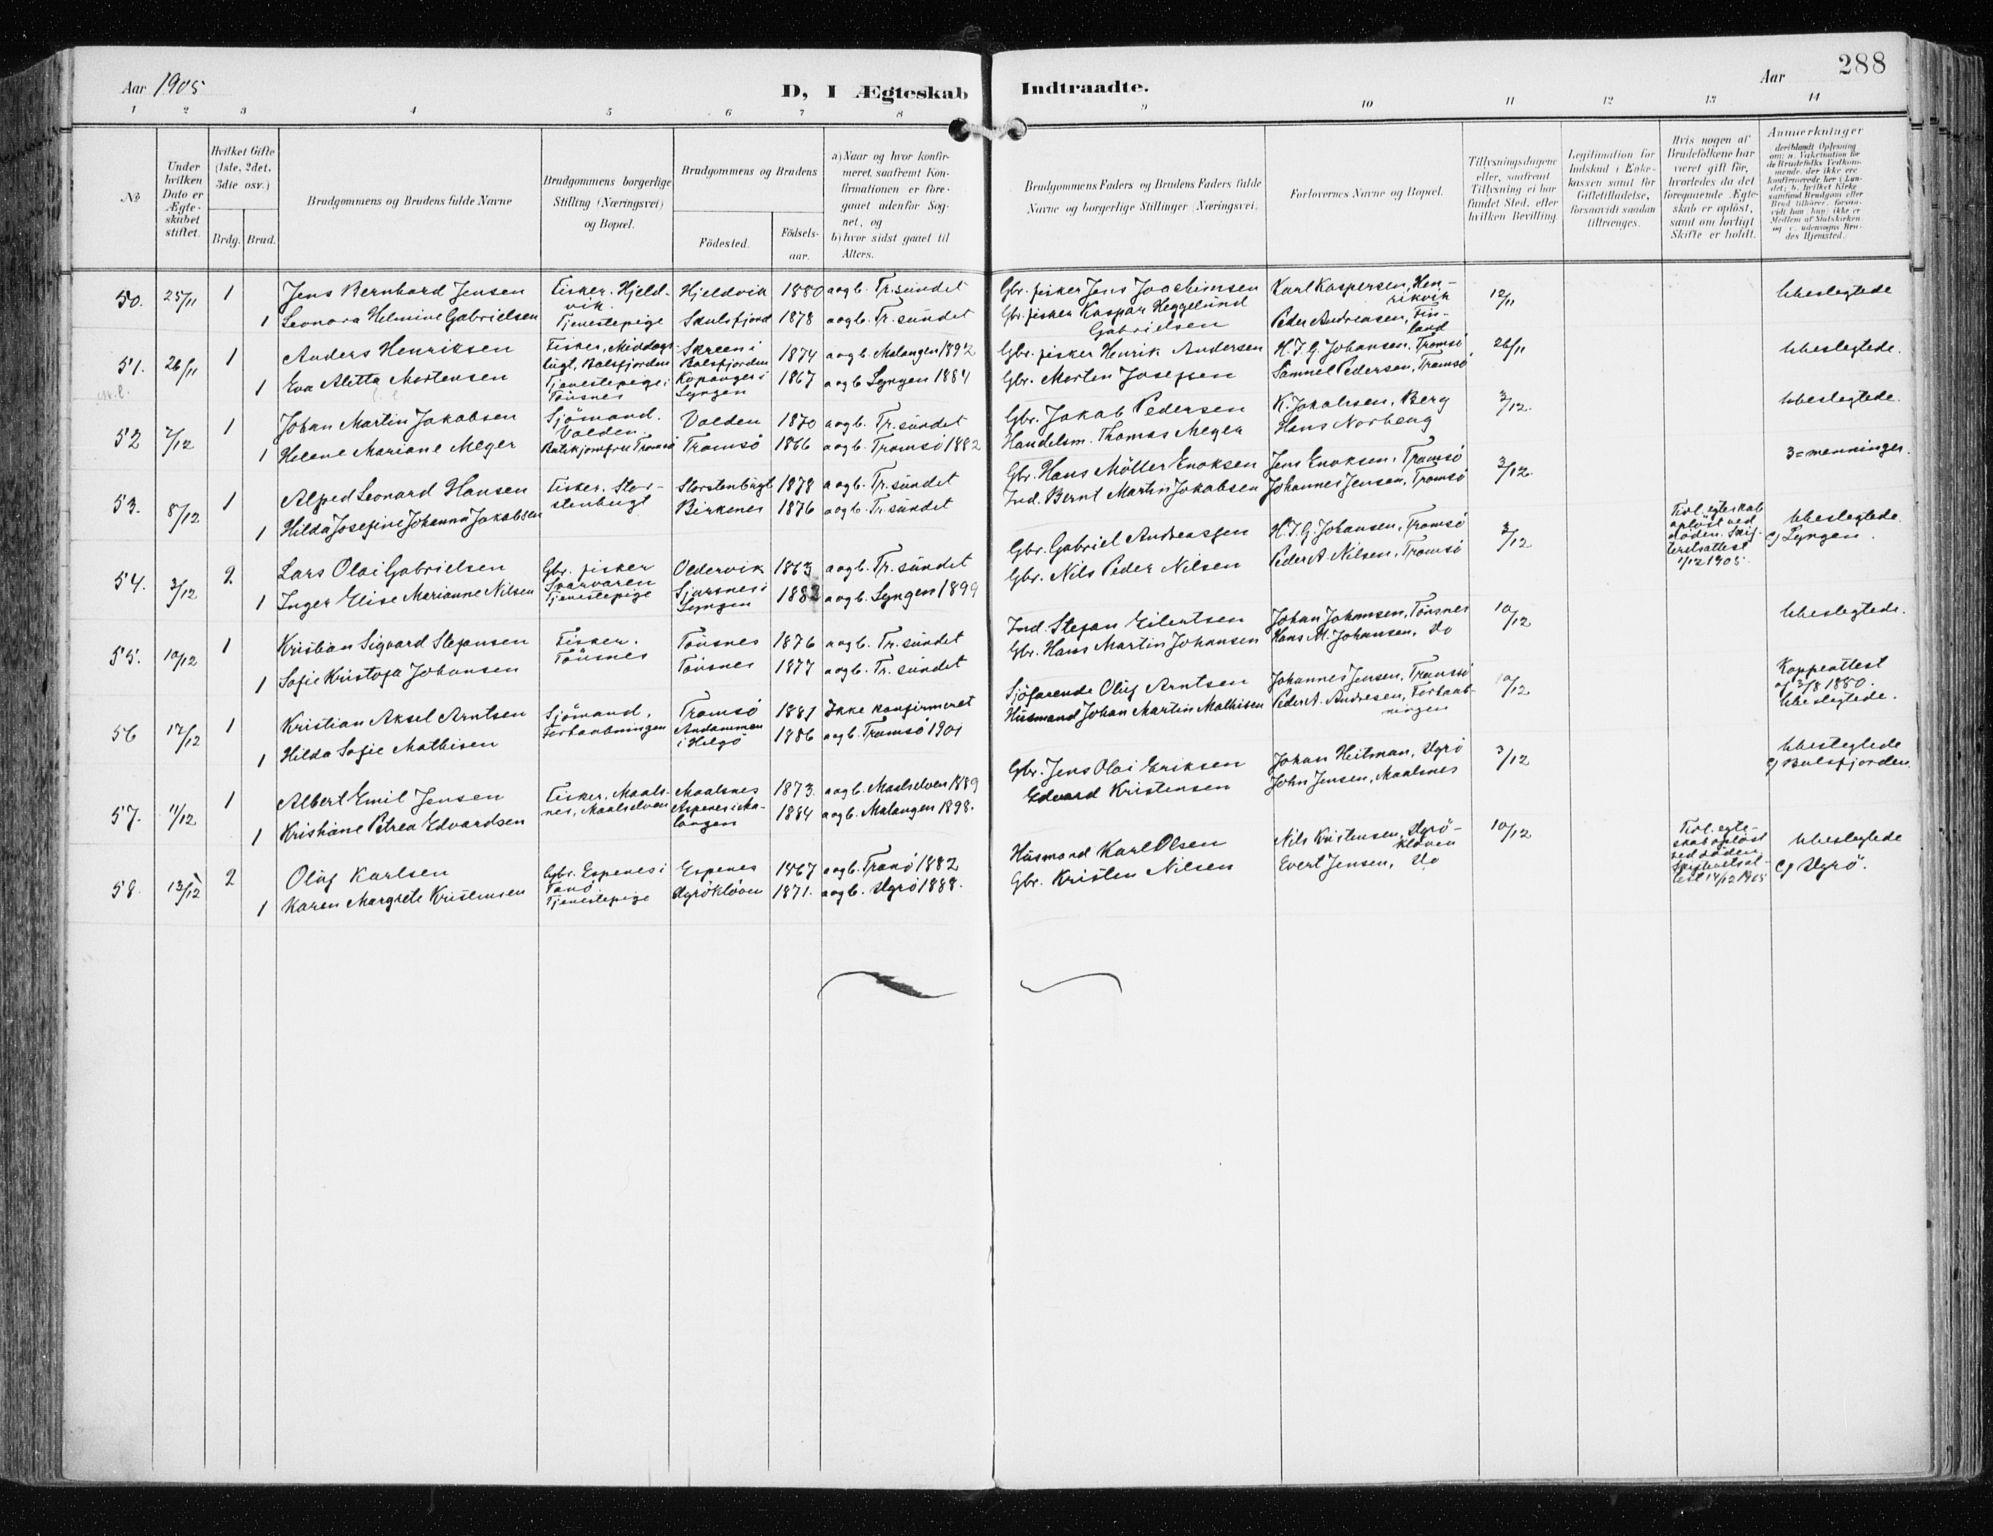 SATØ, Tromsøysund sokneprestkontor, G/Ga/L0006kirke: Ministerialbok nr. 6, 1897-1906, s. 288